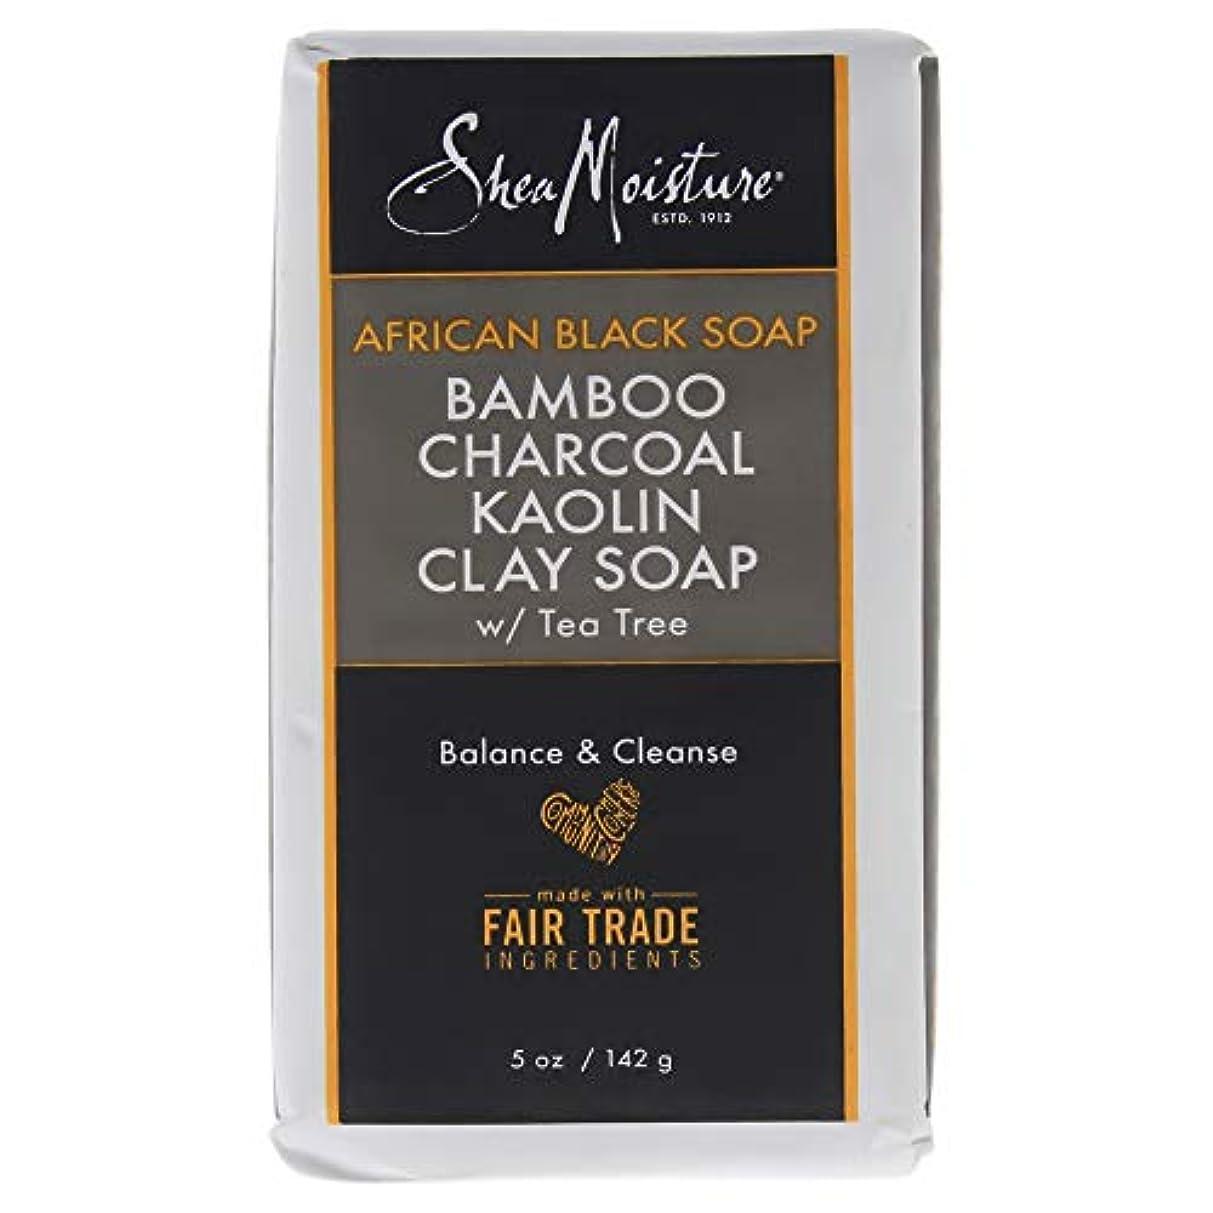 オープニングスイッチオーバーフローAfrican Black Soap Bamboo Charcoal Kaolin Clay Soap